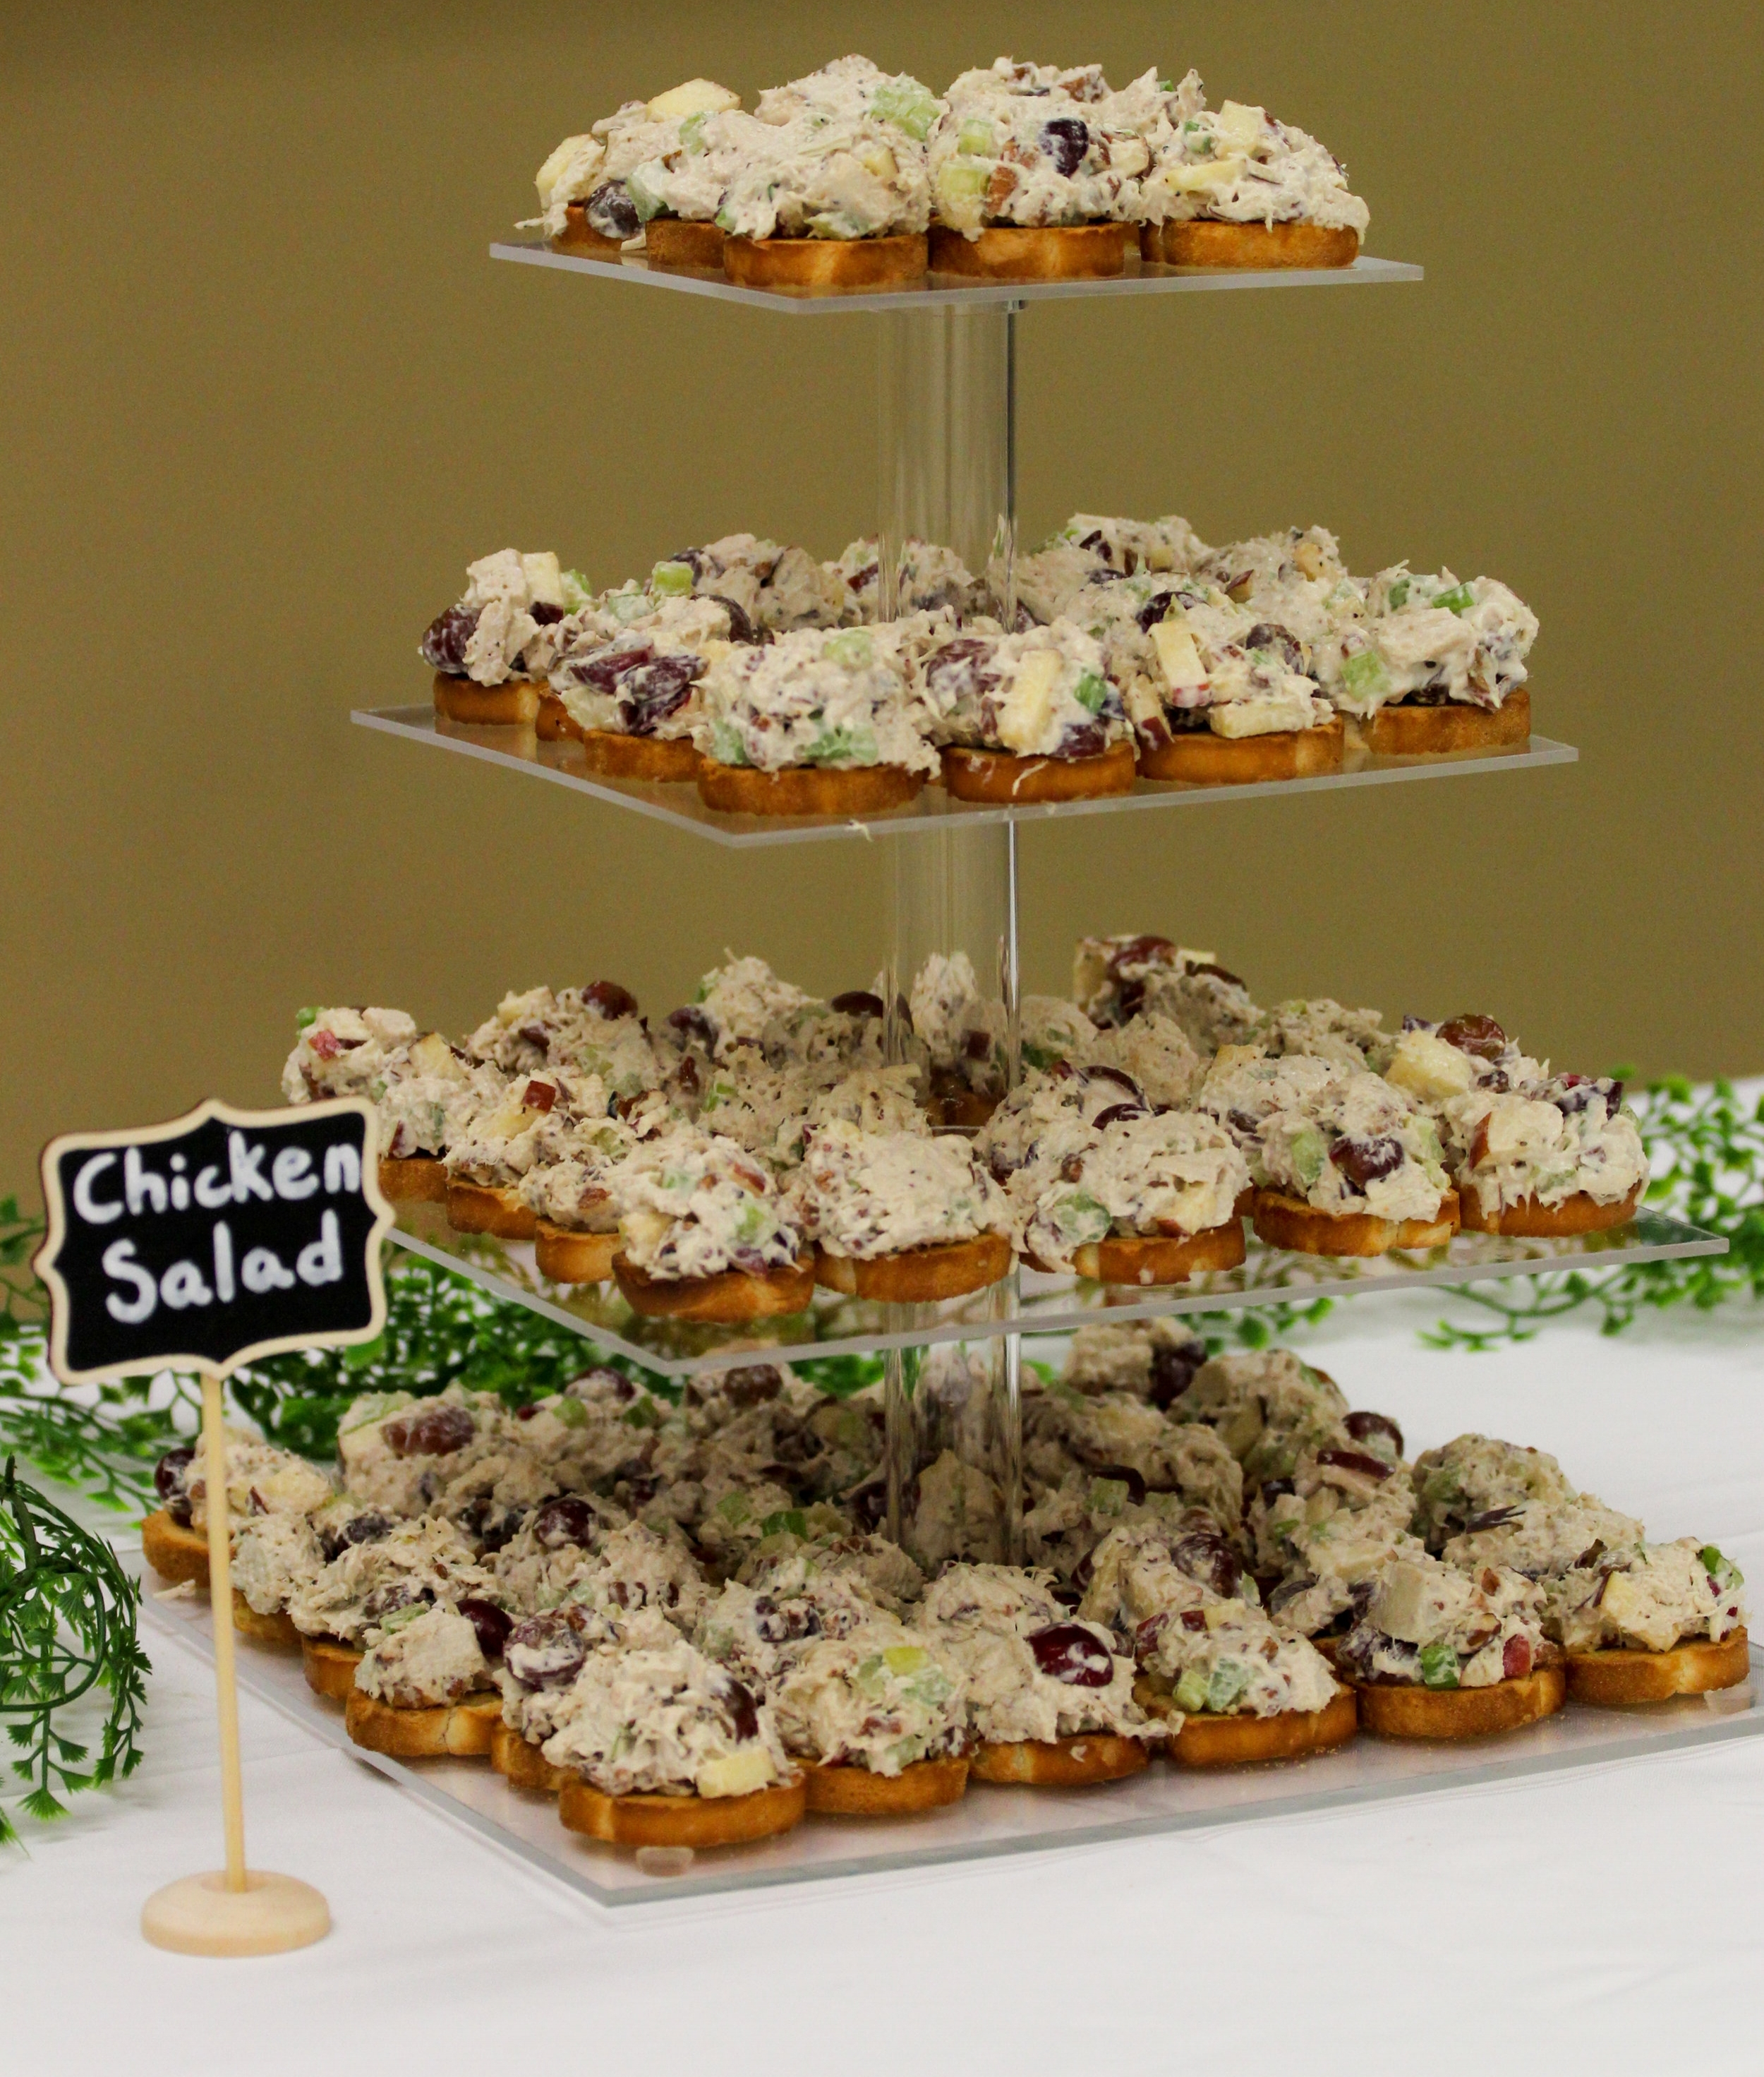 chicken salad on melba toast.jpg